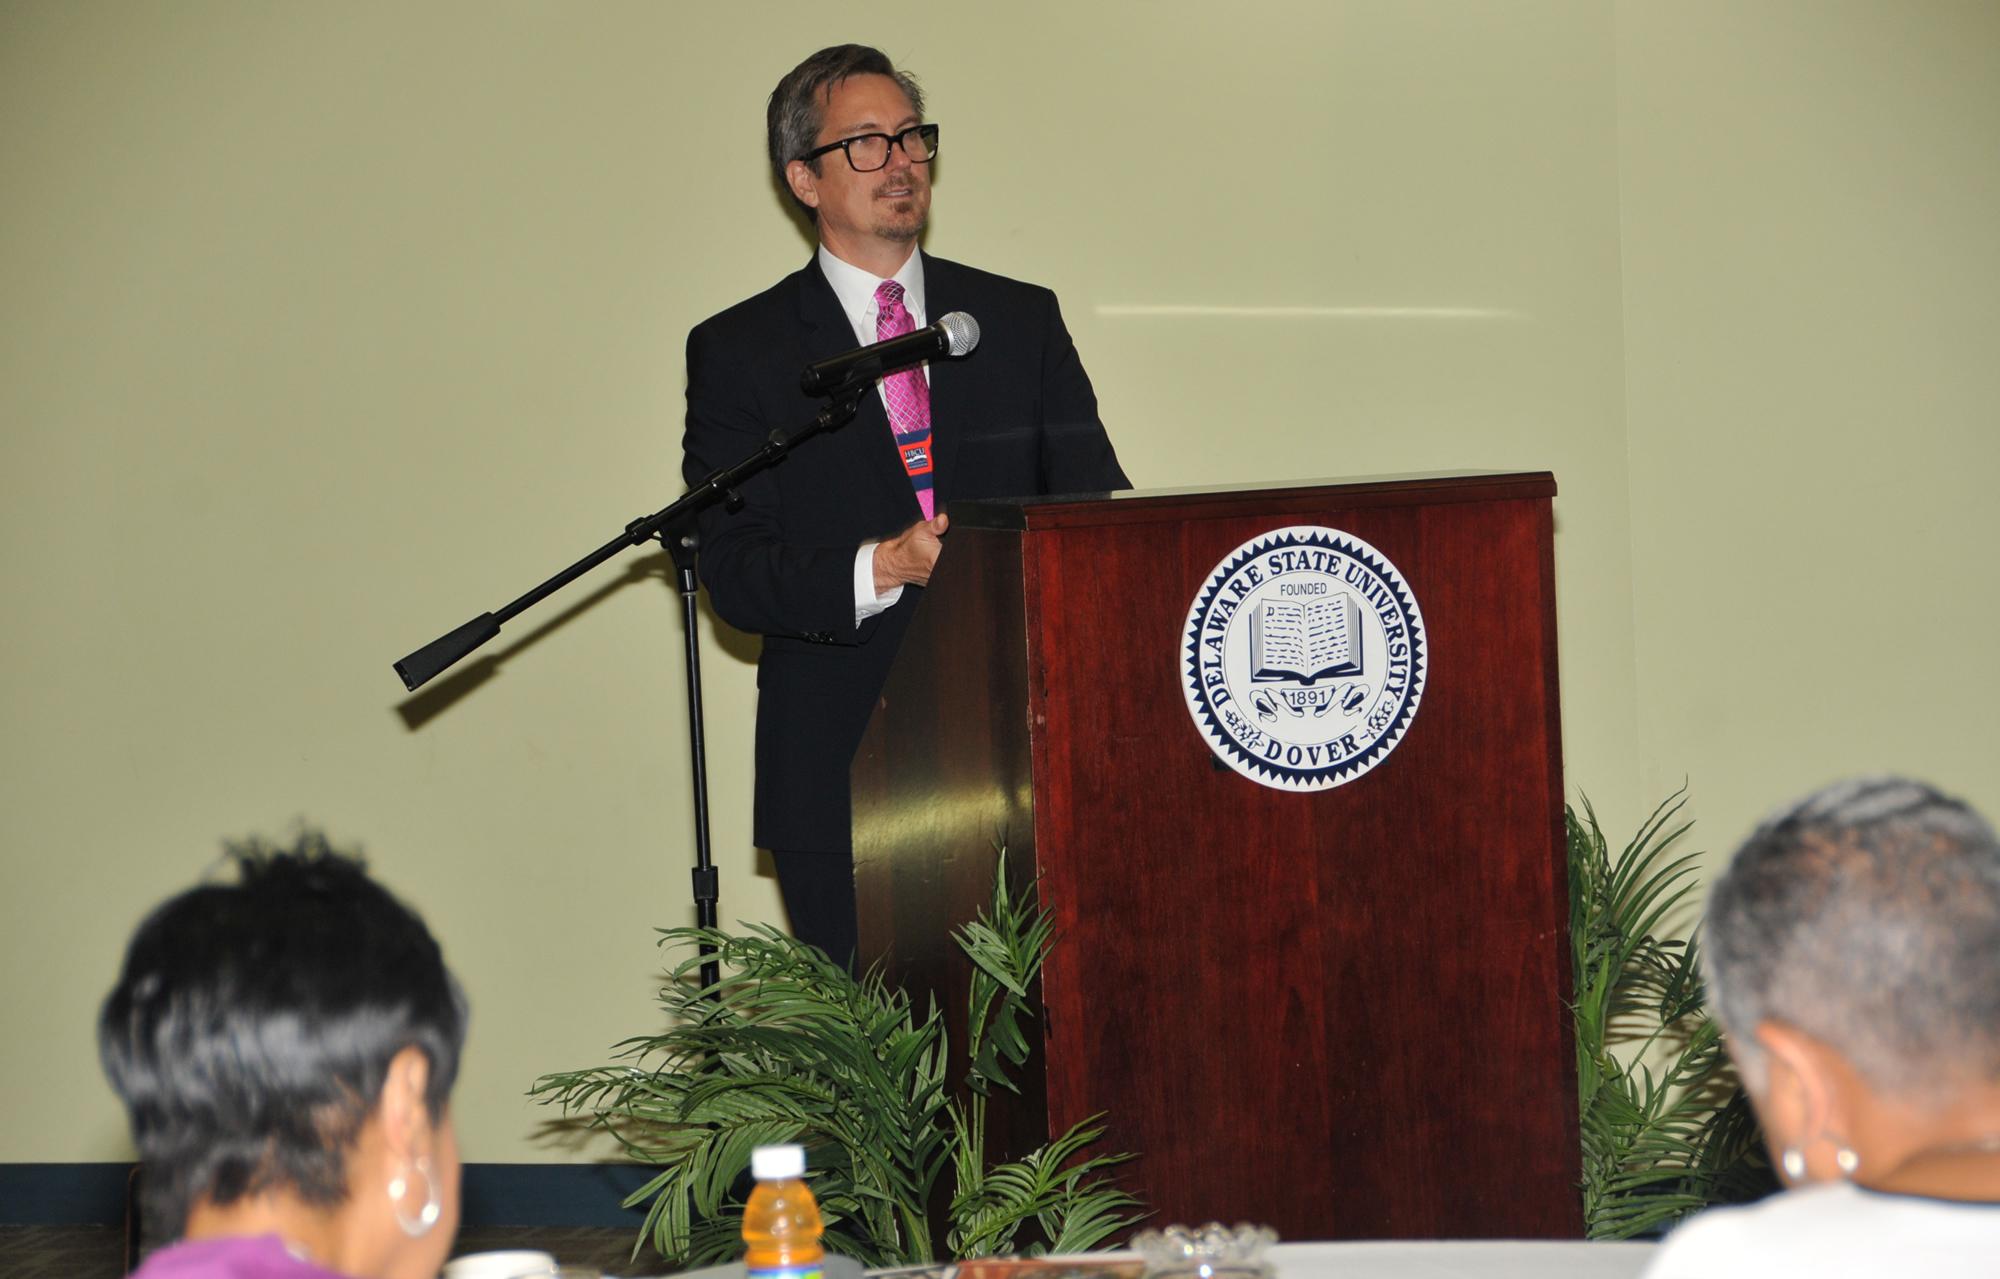 HBCU Symposium speaker